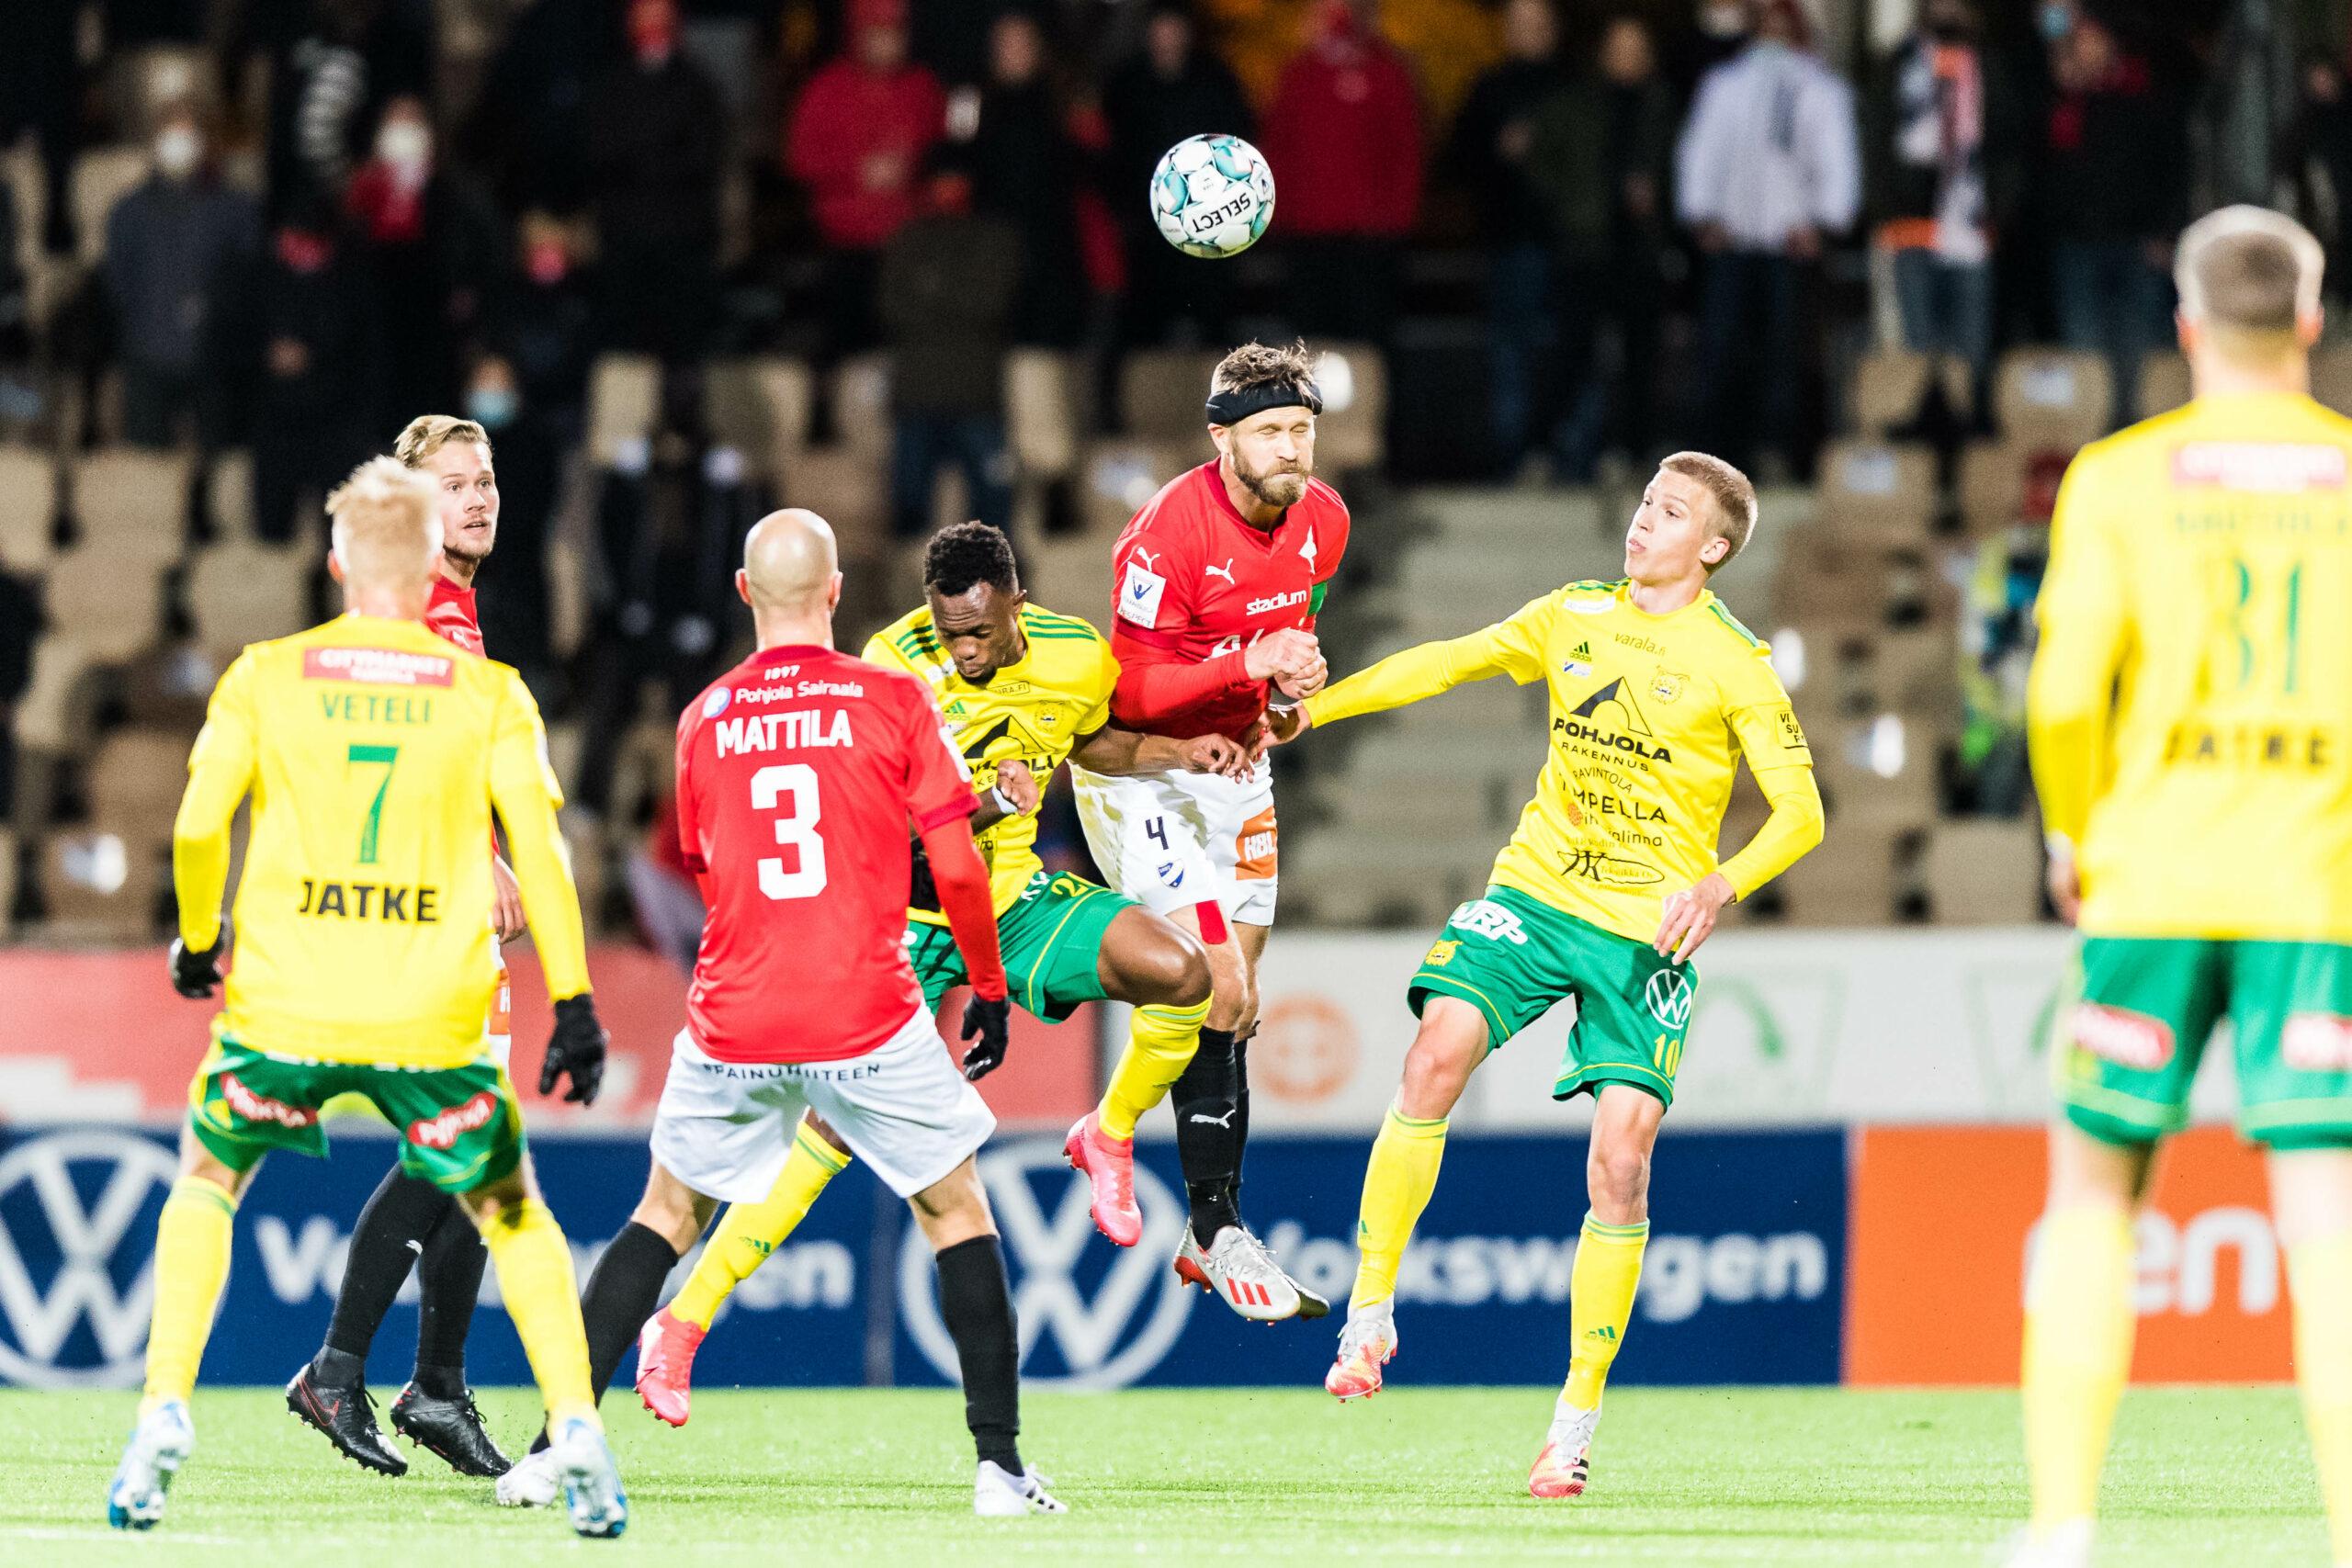 Matchrapport: En svidande förlust för HIFK mot Ilves